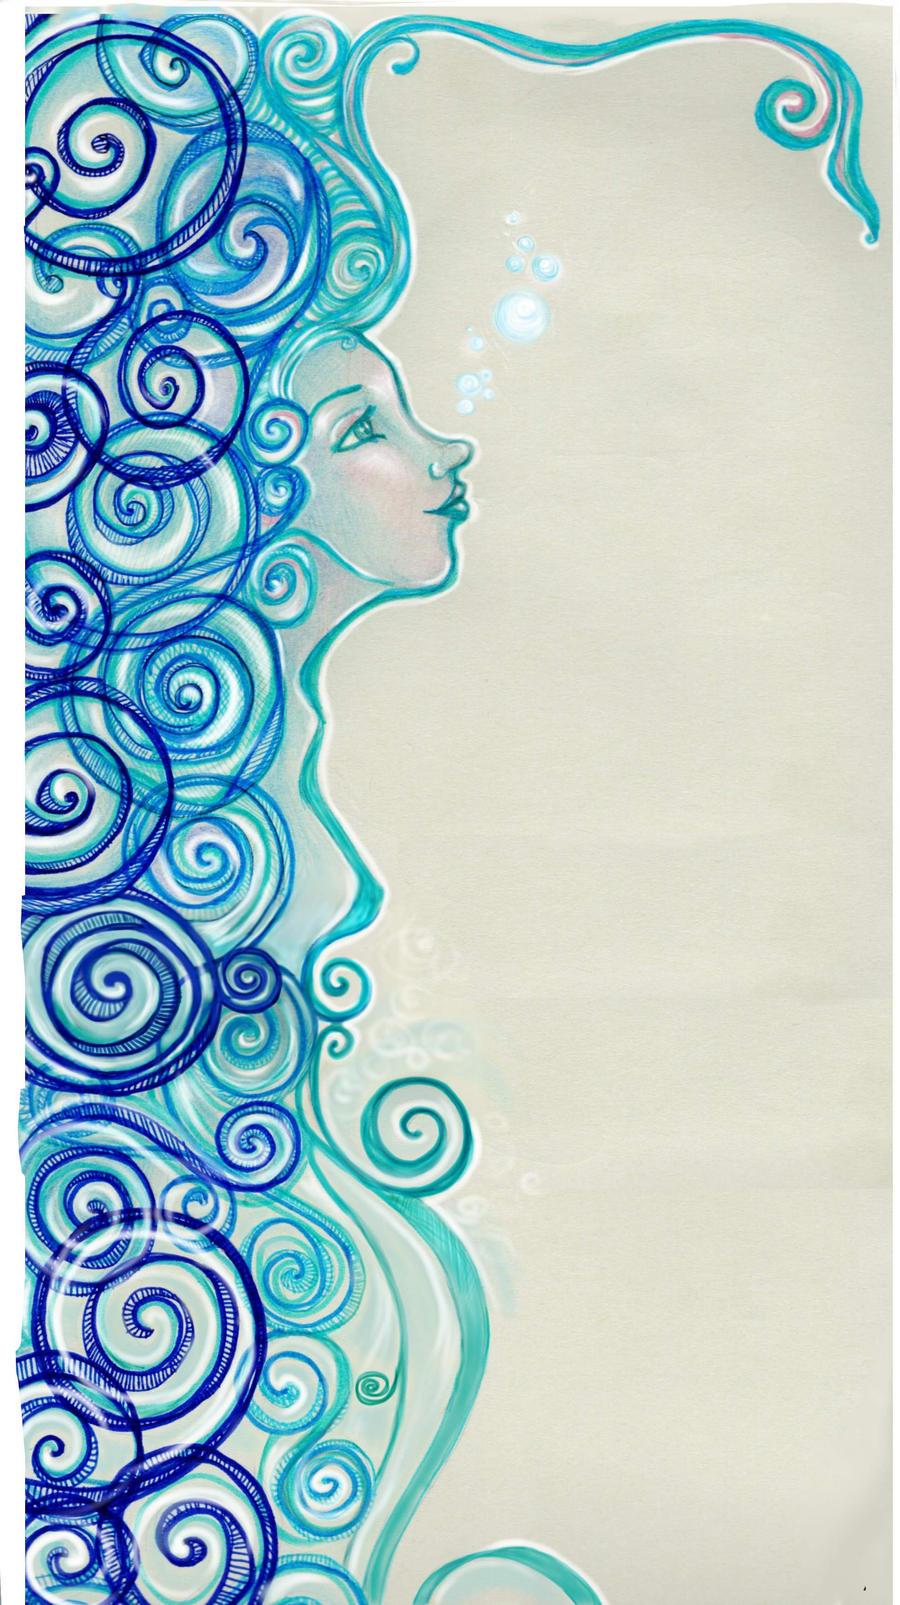 water girl by NoeliaNavarro